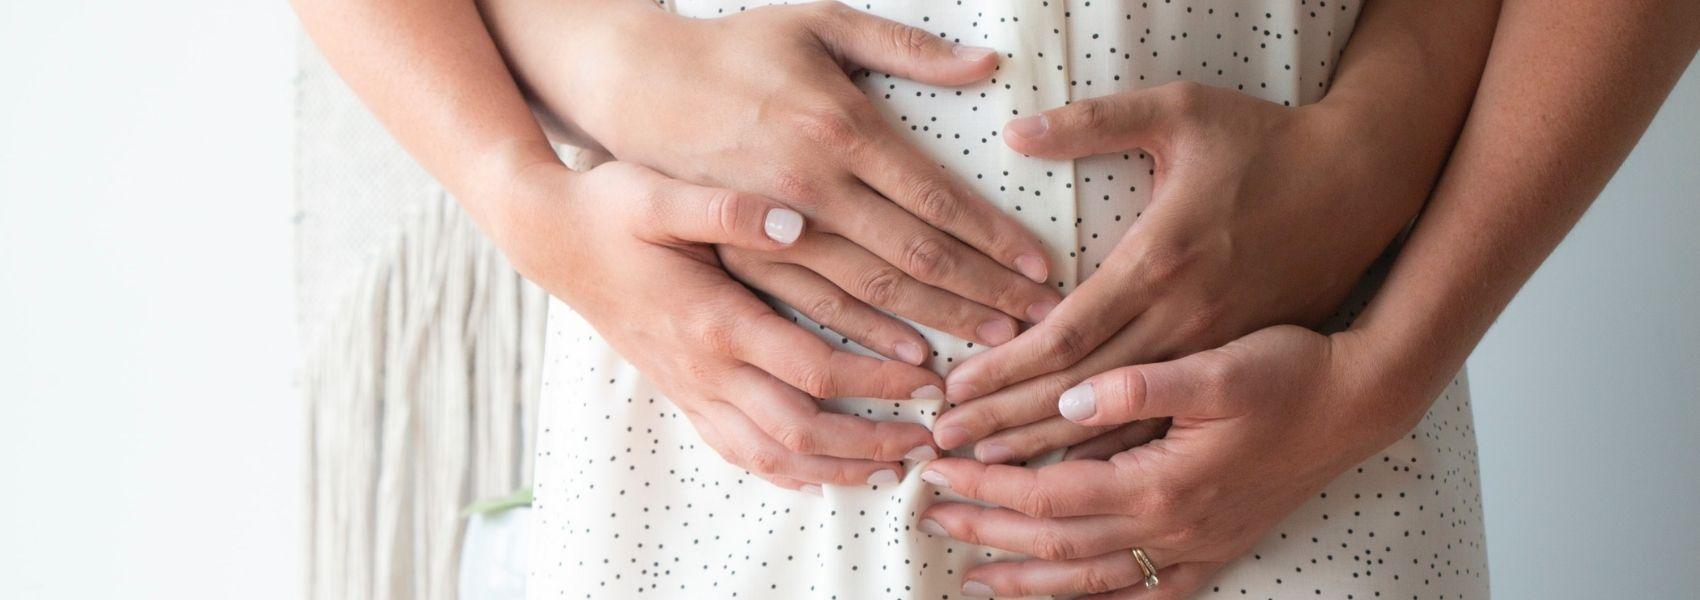 """""""Terapia em Casa"""": aprender a gerir stress e ansiedade na gravidez em tempos de pandemia"""